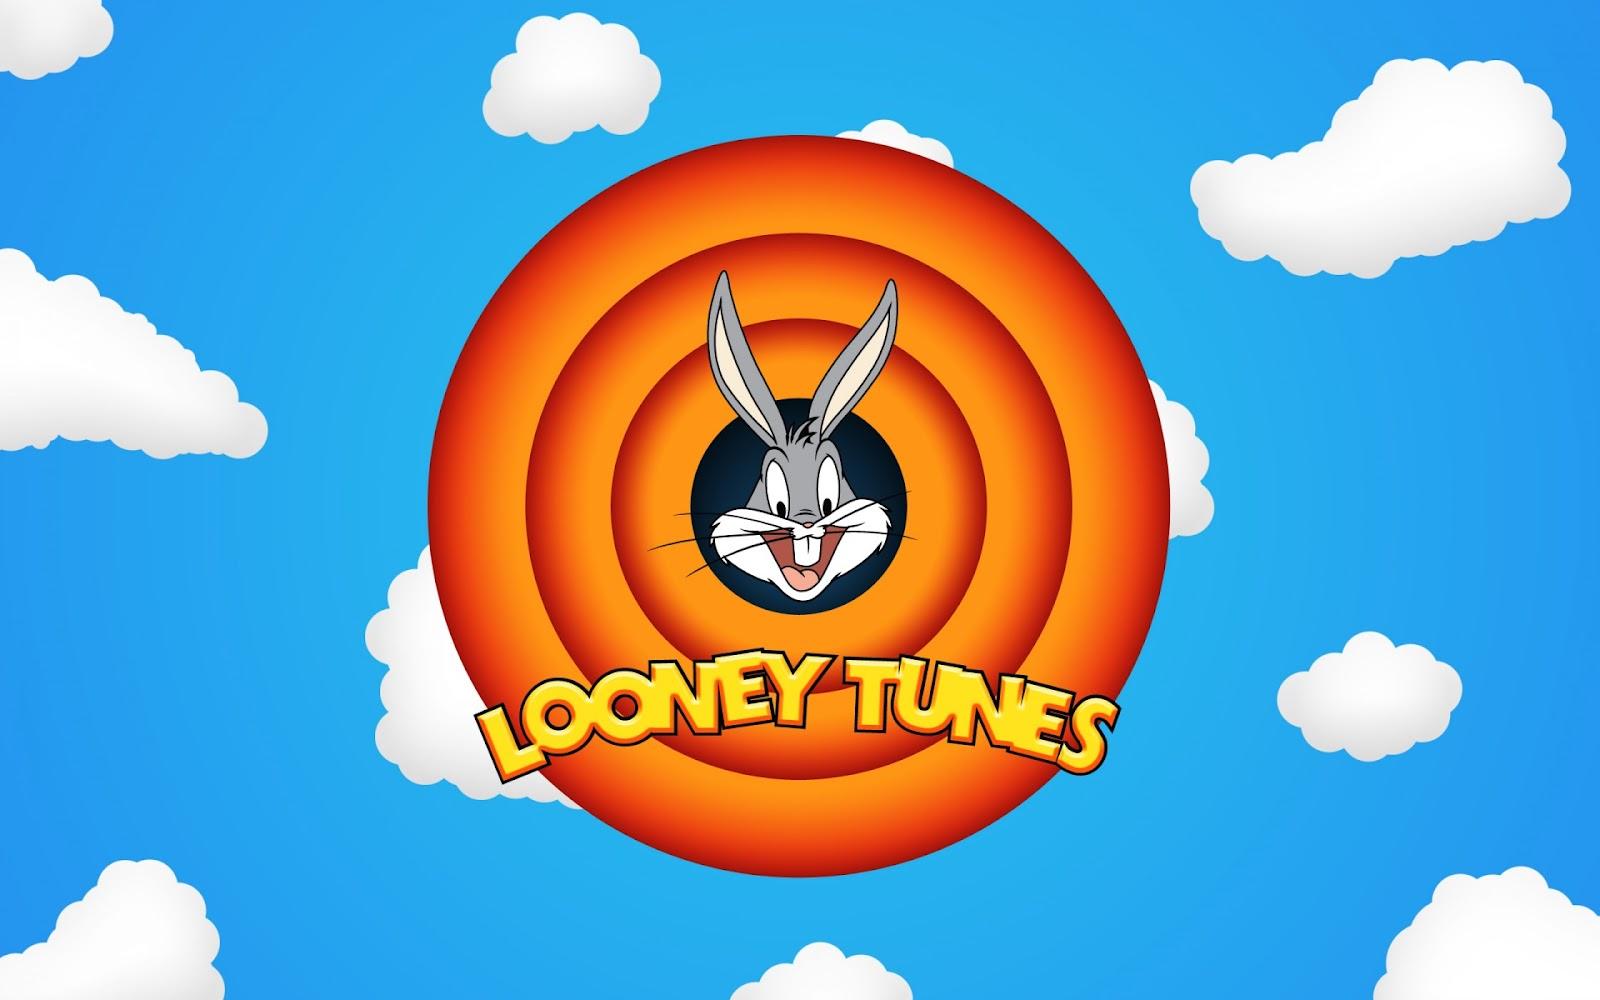 http://3.bp.blogspot.com/-rc5O1a_4Ol8/T06gtmeM3FI/AAAAAAAAAxM/-lWLdsB89w0/s1600/Bugs_Bunny_Looney_Tunes_Circle_HD_Wallpaper-CartoonWallBase.jpg